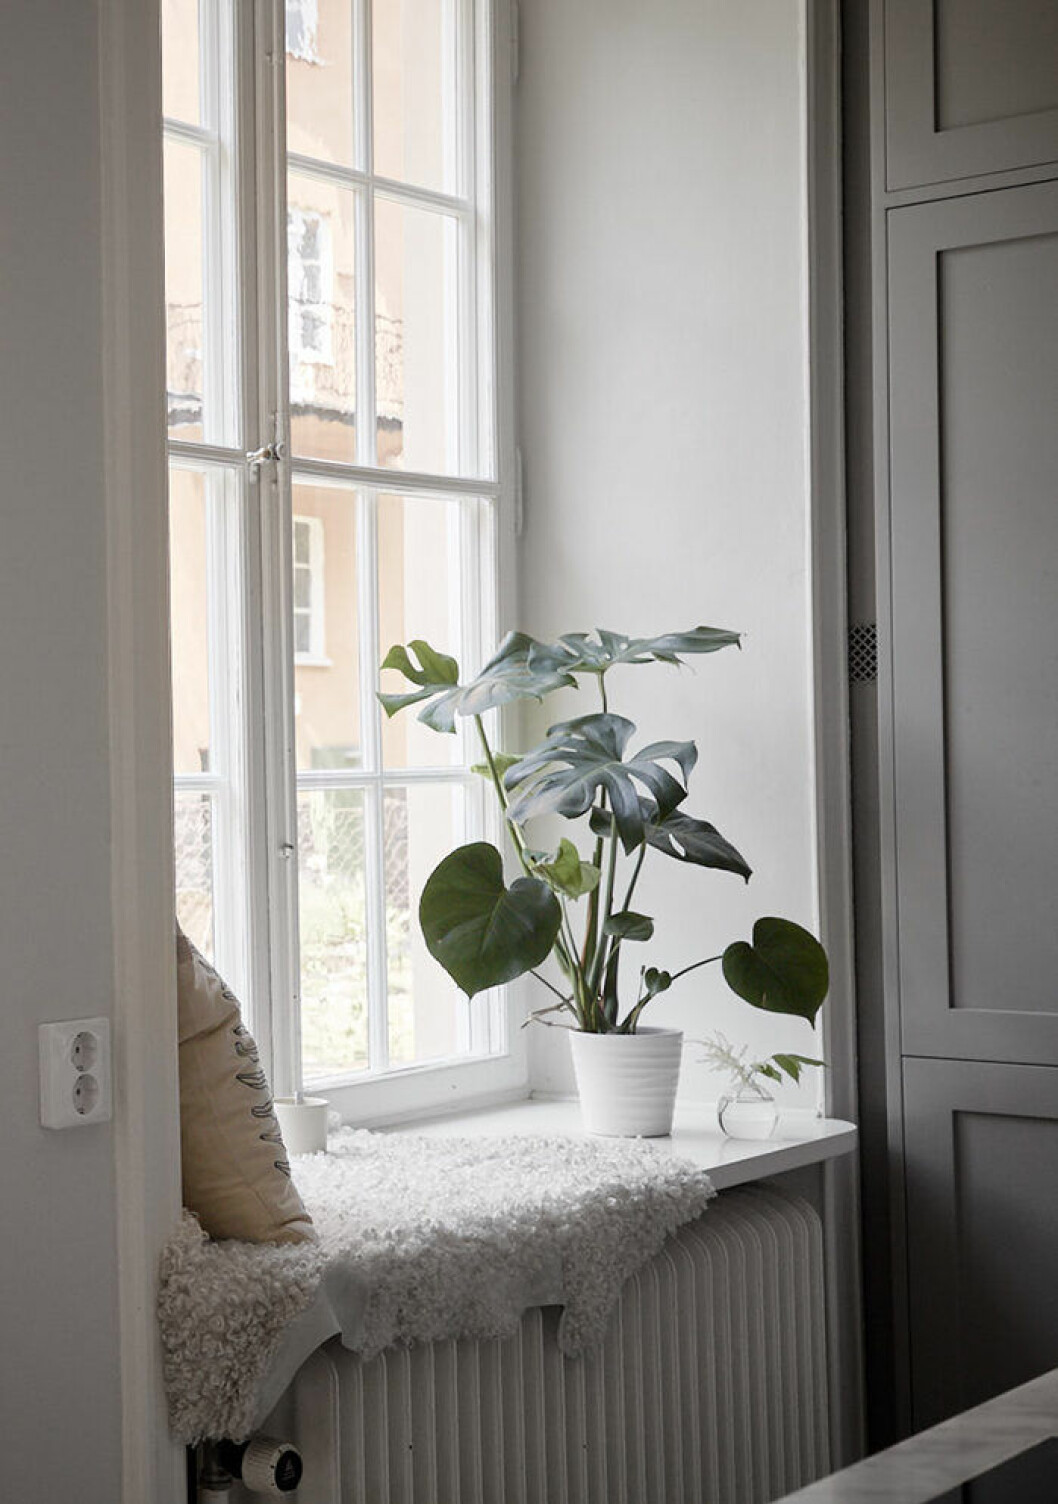 Mysig, enkel läshörna på fönsterbrädet